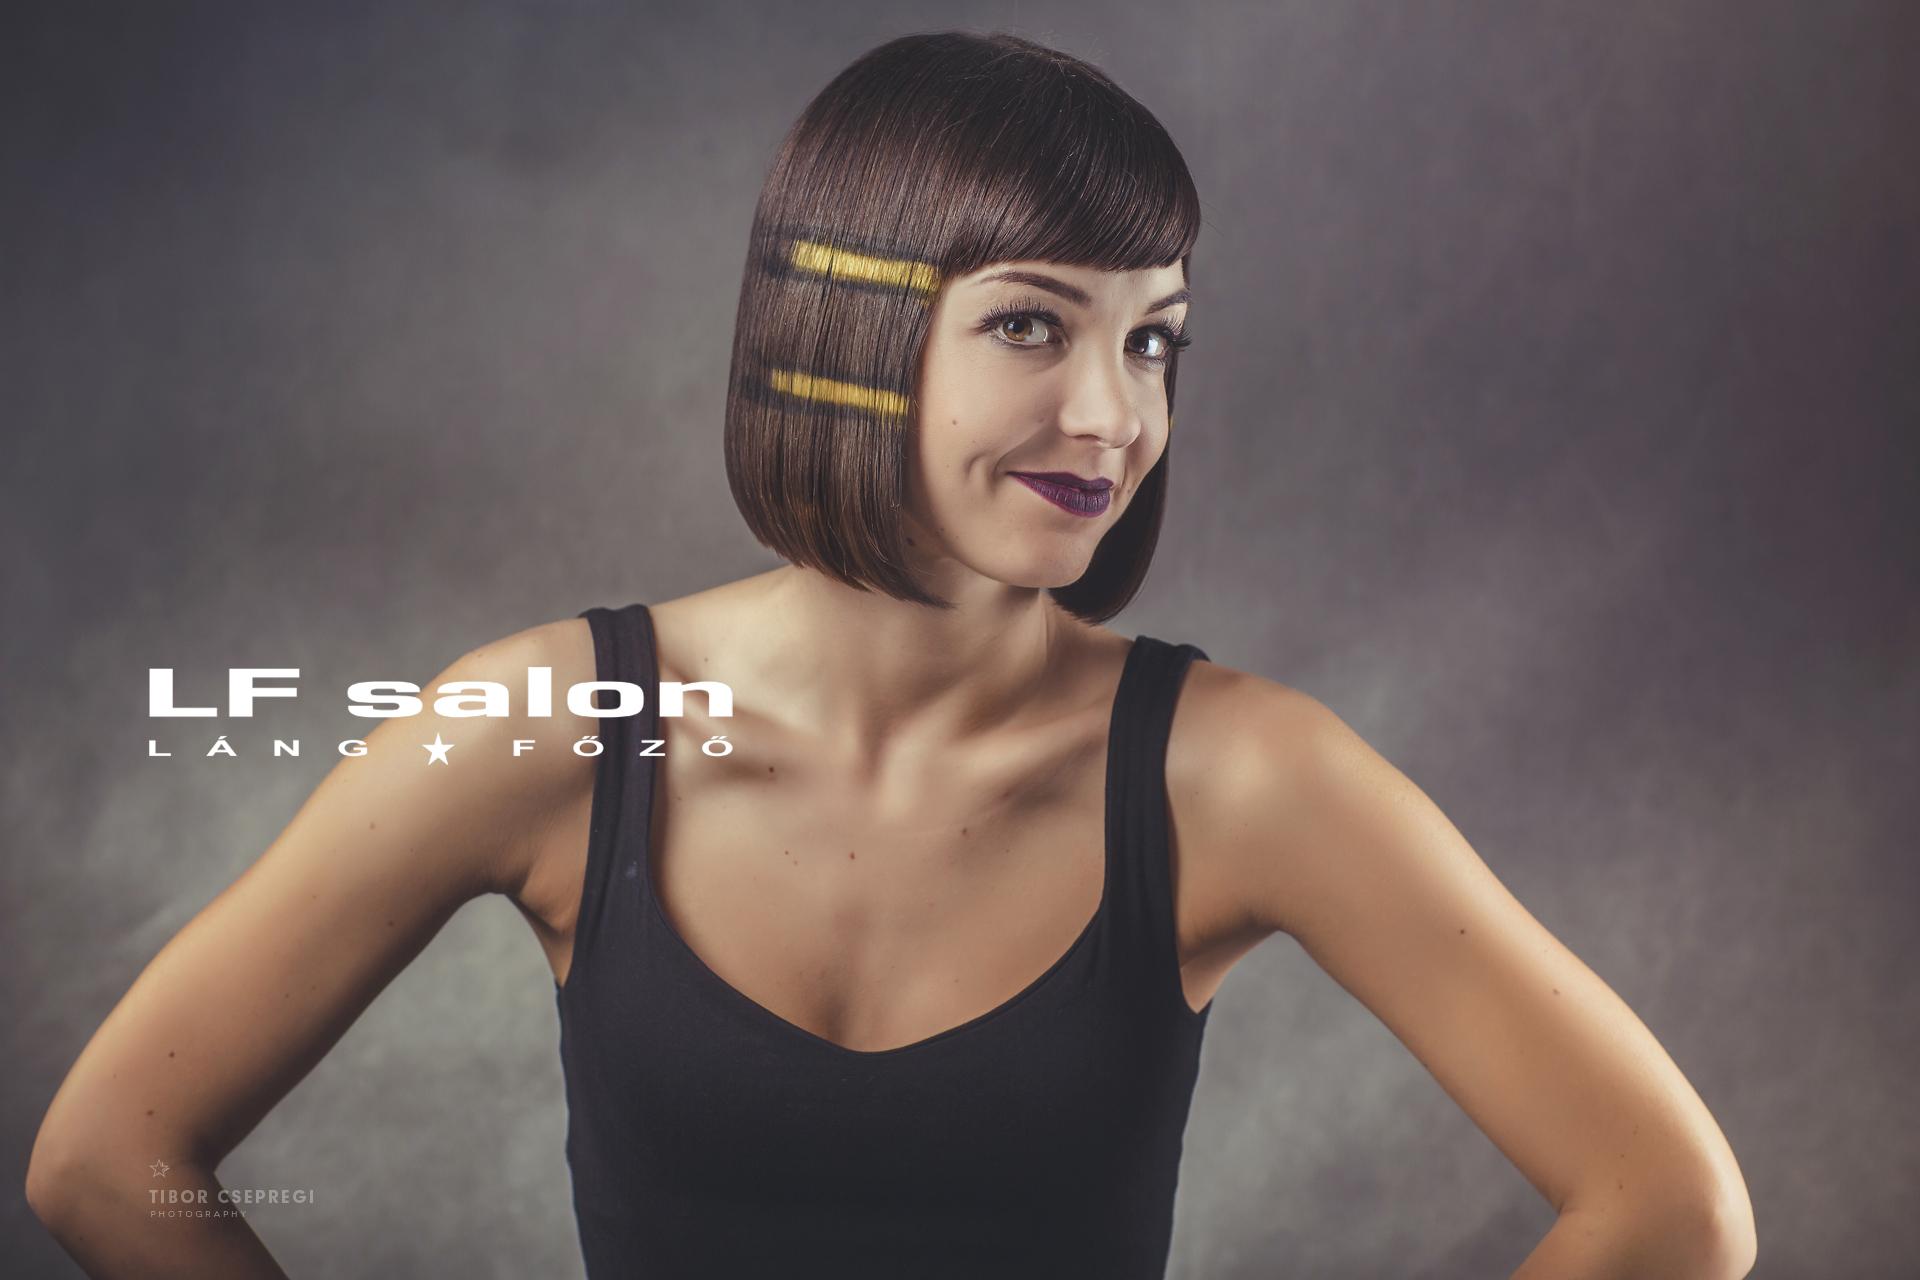 Felfrissítenéd hajad? Egy trendi formához mit szólnál? Vagy régóta álmodozol egy merőben új hajszínről? Itt a remek alkalom, hogy frizurádat a maximumra pörgesd!<br /> <br /> A soproni LF Salon fodrászatában 20% kedvezménnyel vehetsz igénybe minden szolgáltatást dátum, egyedülálló módon erre a napra online jelentkezhetsz be.